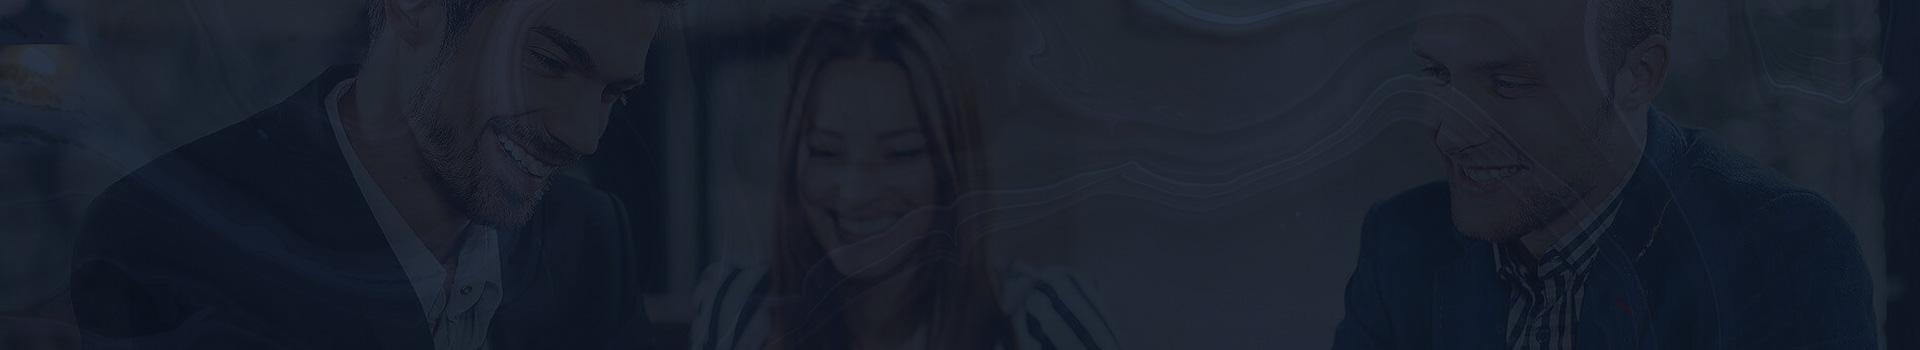 Kreator - Izrada web stranica podloga